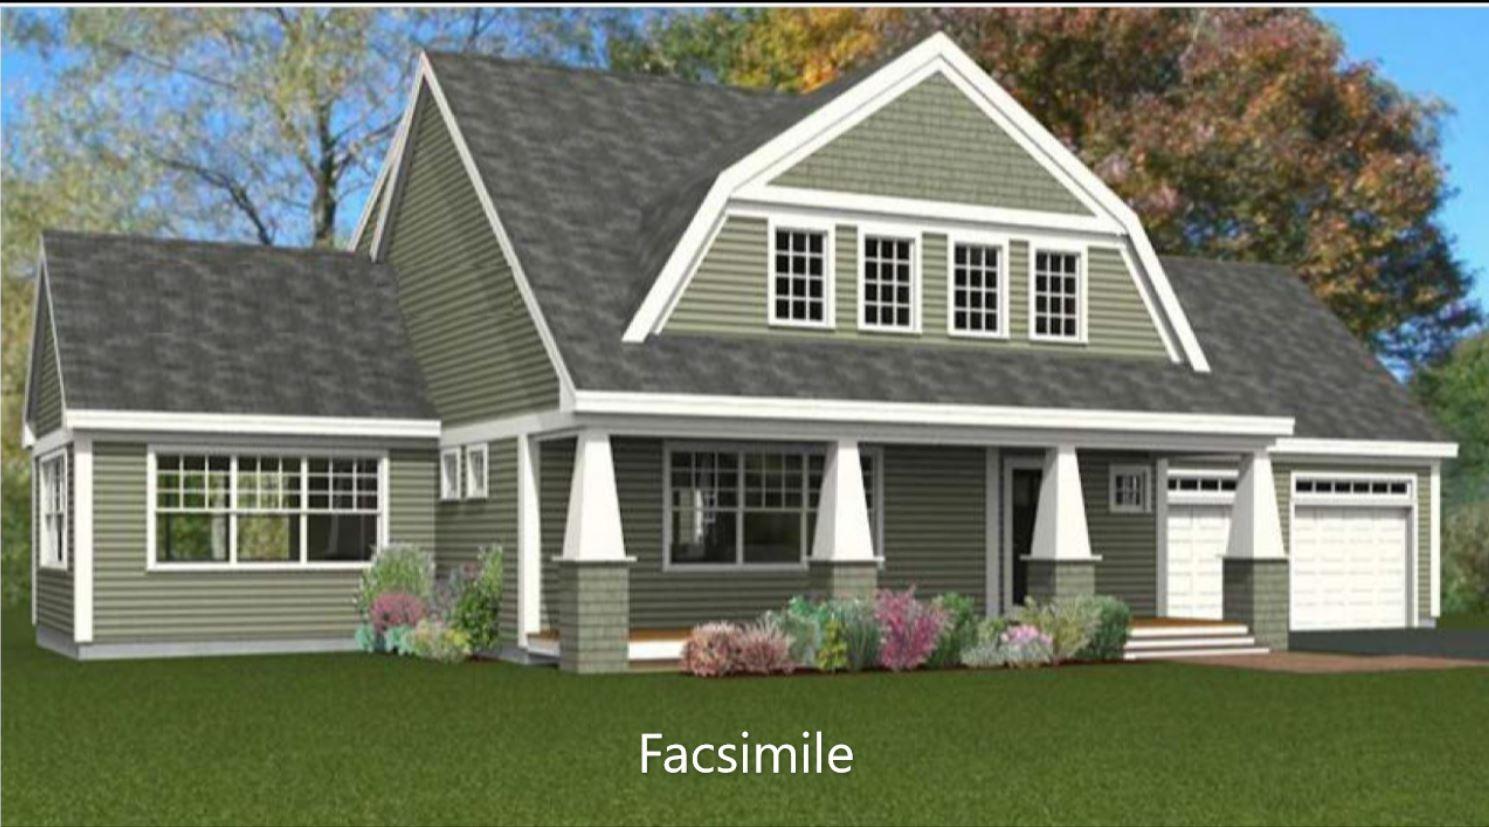 236 Winnacunnet Road #Lot 2, Hampton, NH 03842 - #: 4809863